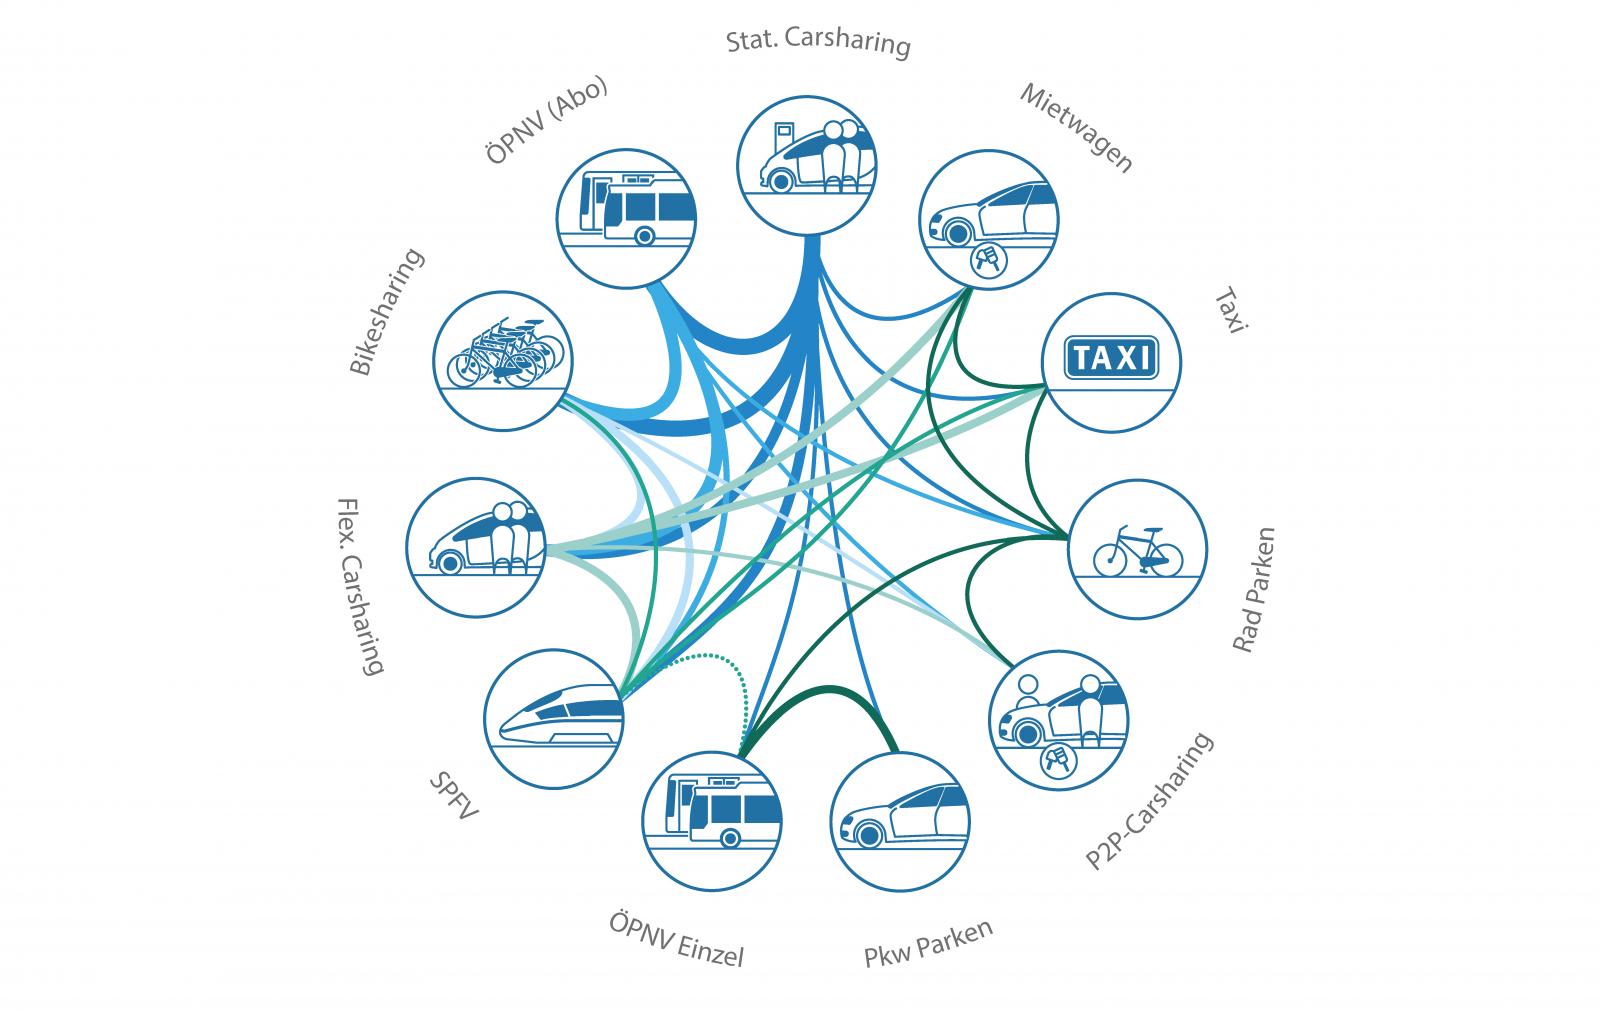 Abbildung 1: Häufigkeit der vorkommenden Leistungskombinationen (Stand Mai 2015, n = 13 Karten; Quelle: InnoZ GmbH; Grafik: Mahoma Niemeyer)